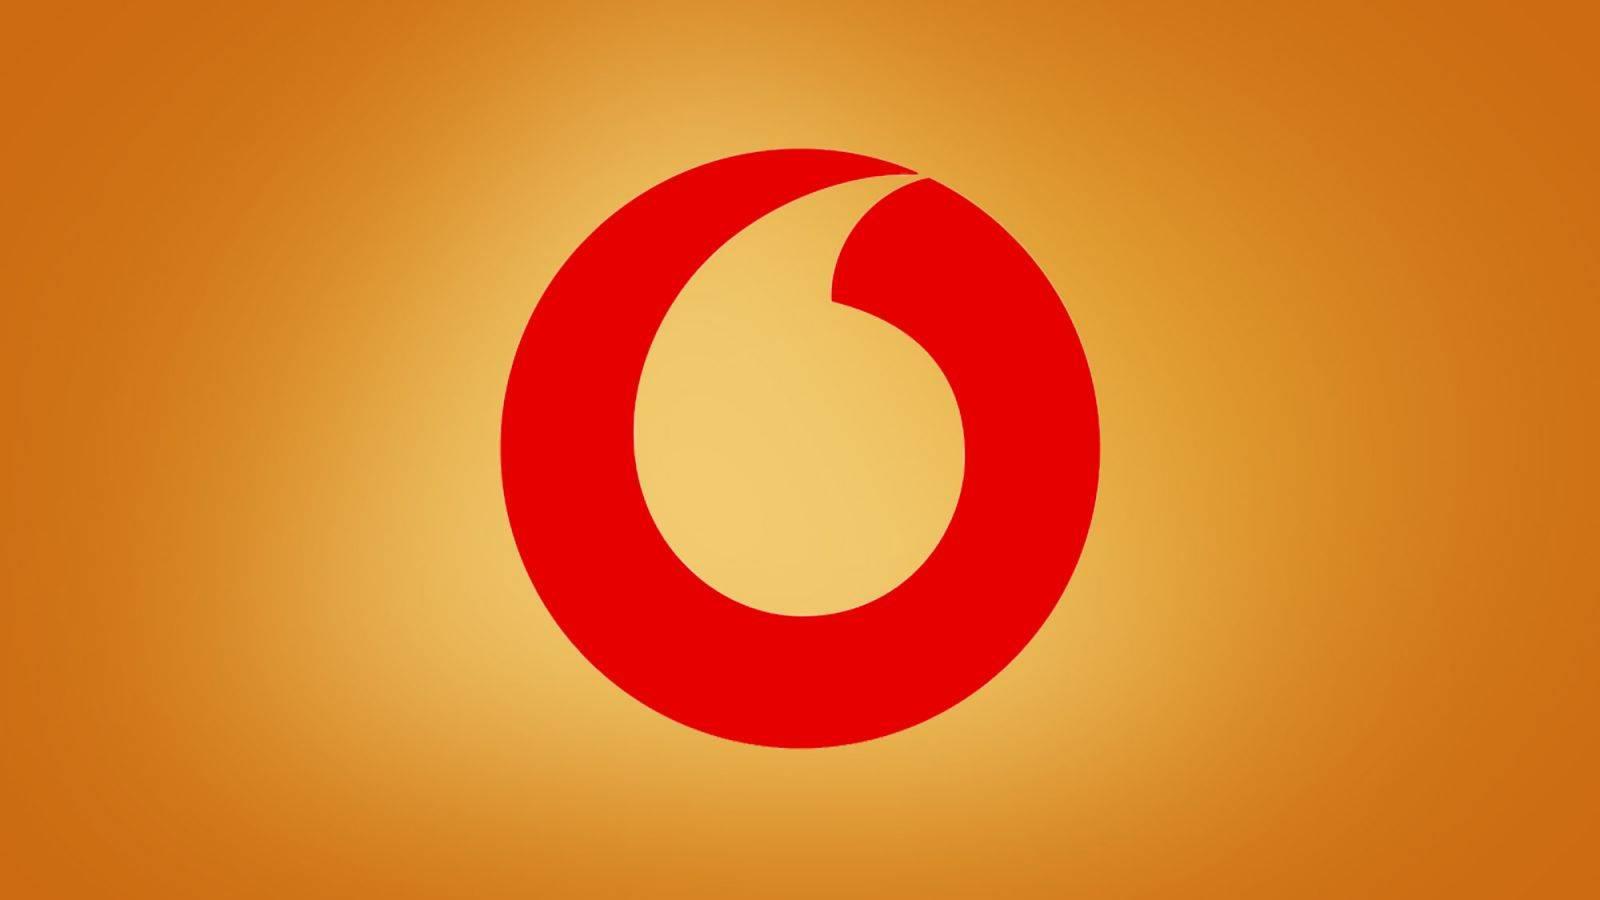 Vodafone Incepe Saptamana cu Aceste Oferte foarte BUNE Inainte de Craciun